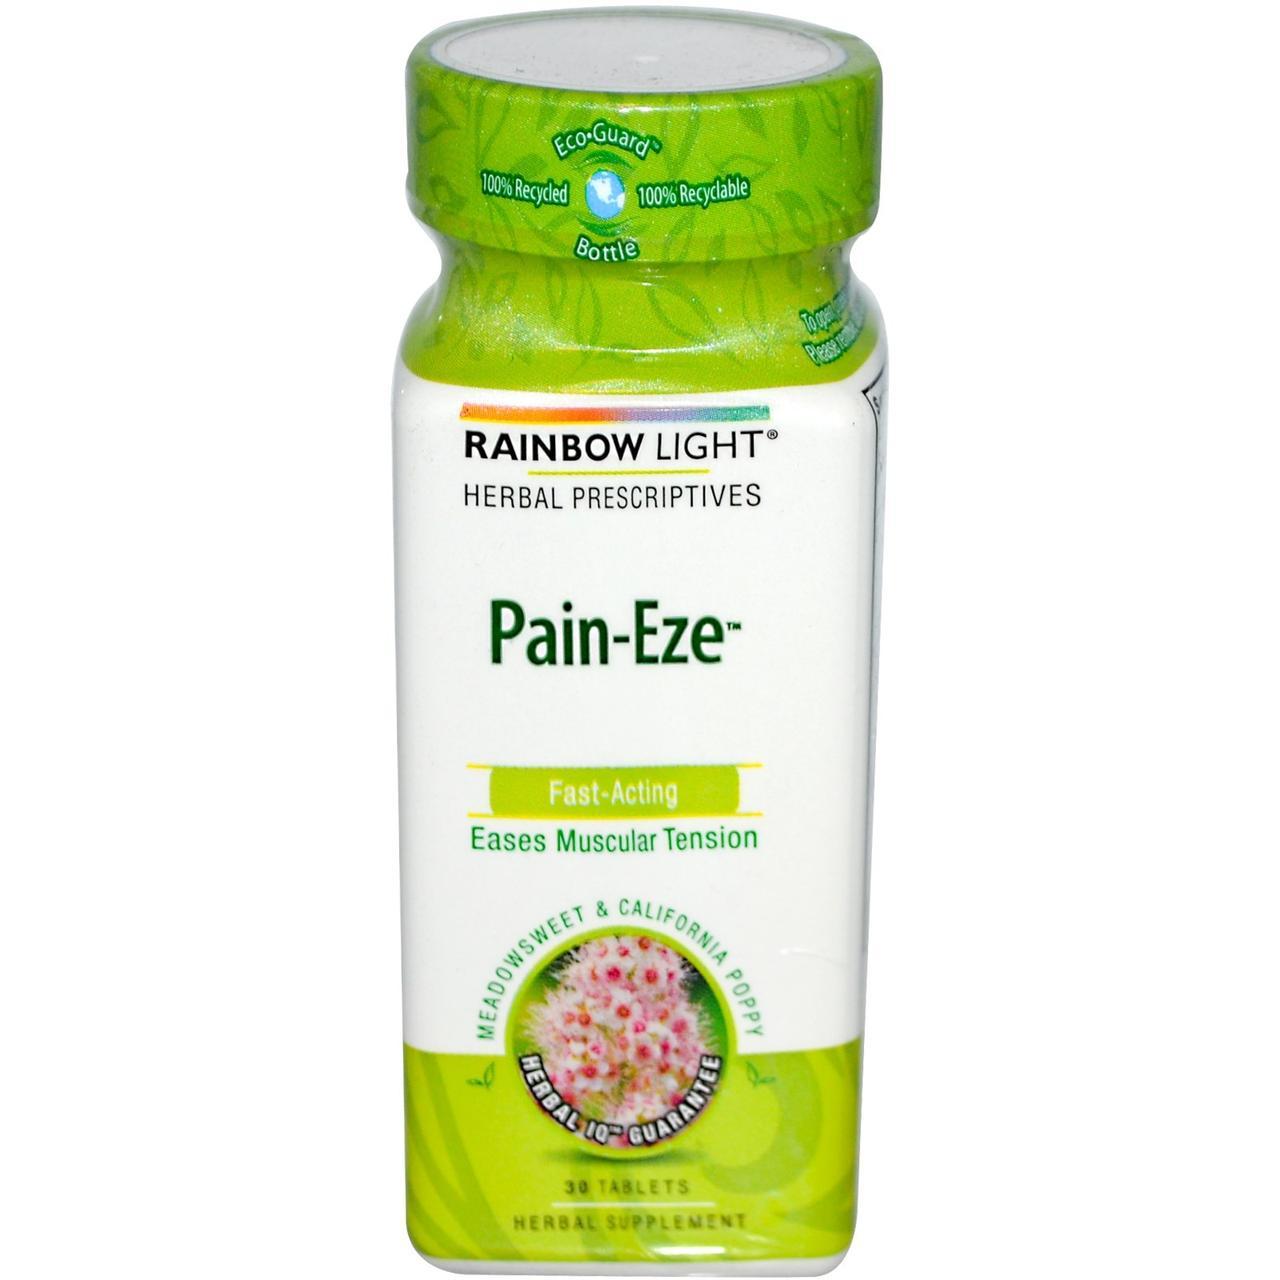 Rainbow Light, Herbal Prescriptive, Pain-Eze, 30 таблеток - Интернет-магазин для здоровой жизни в Киеве